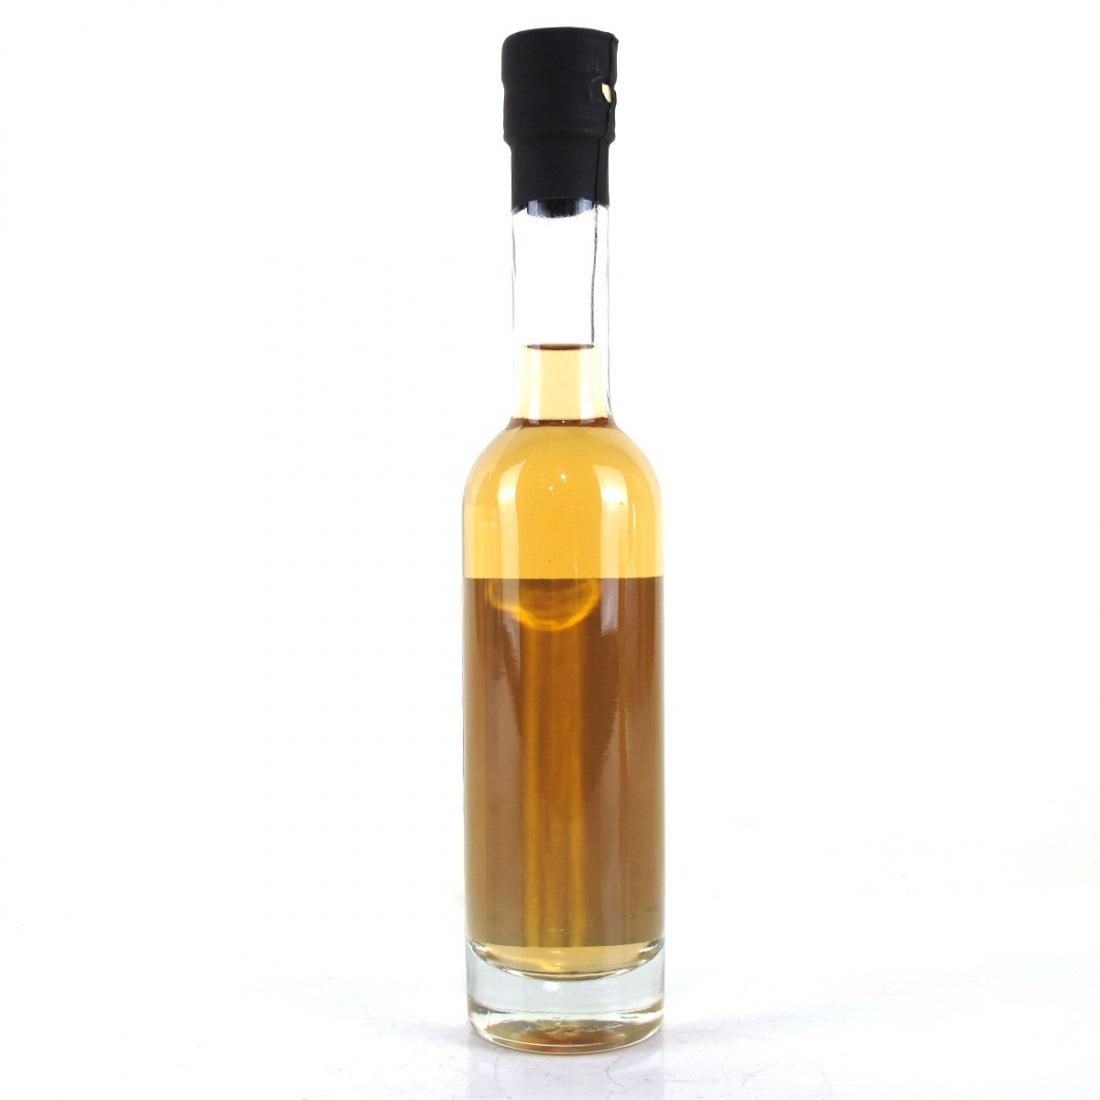 Strathearn Chestnut Cask Uisge Beatha 20cl / Batch 1